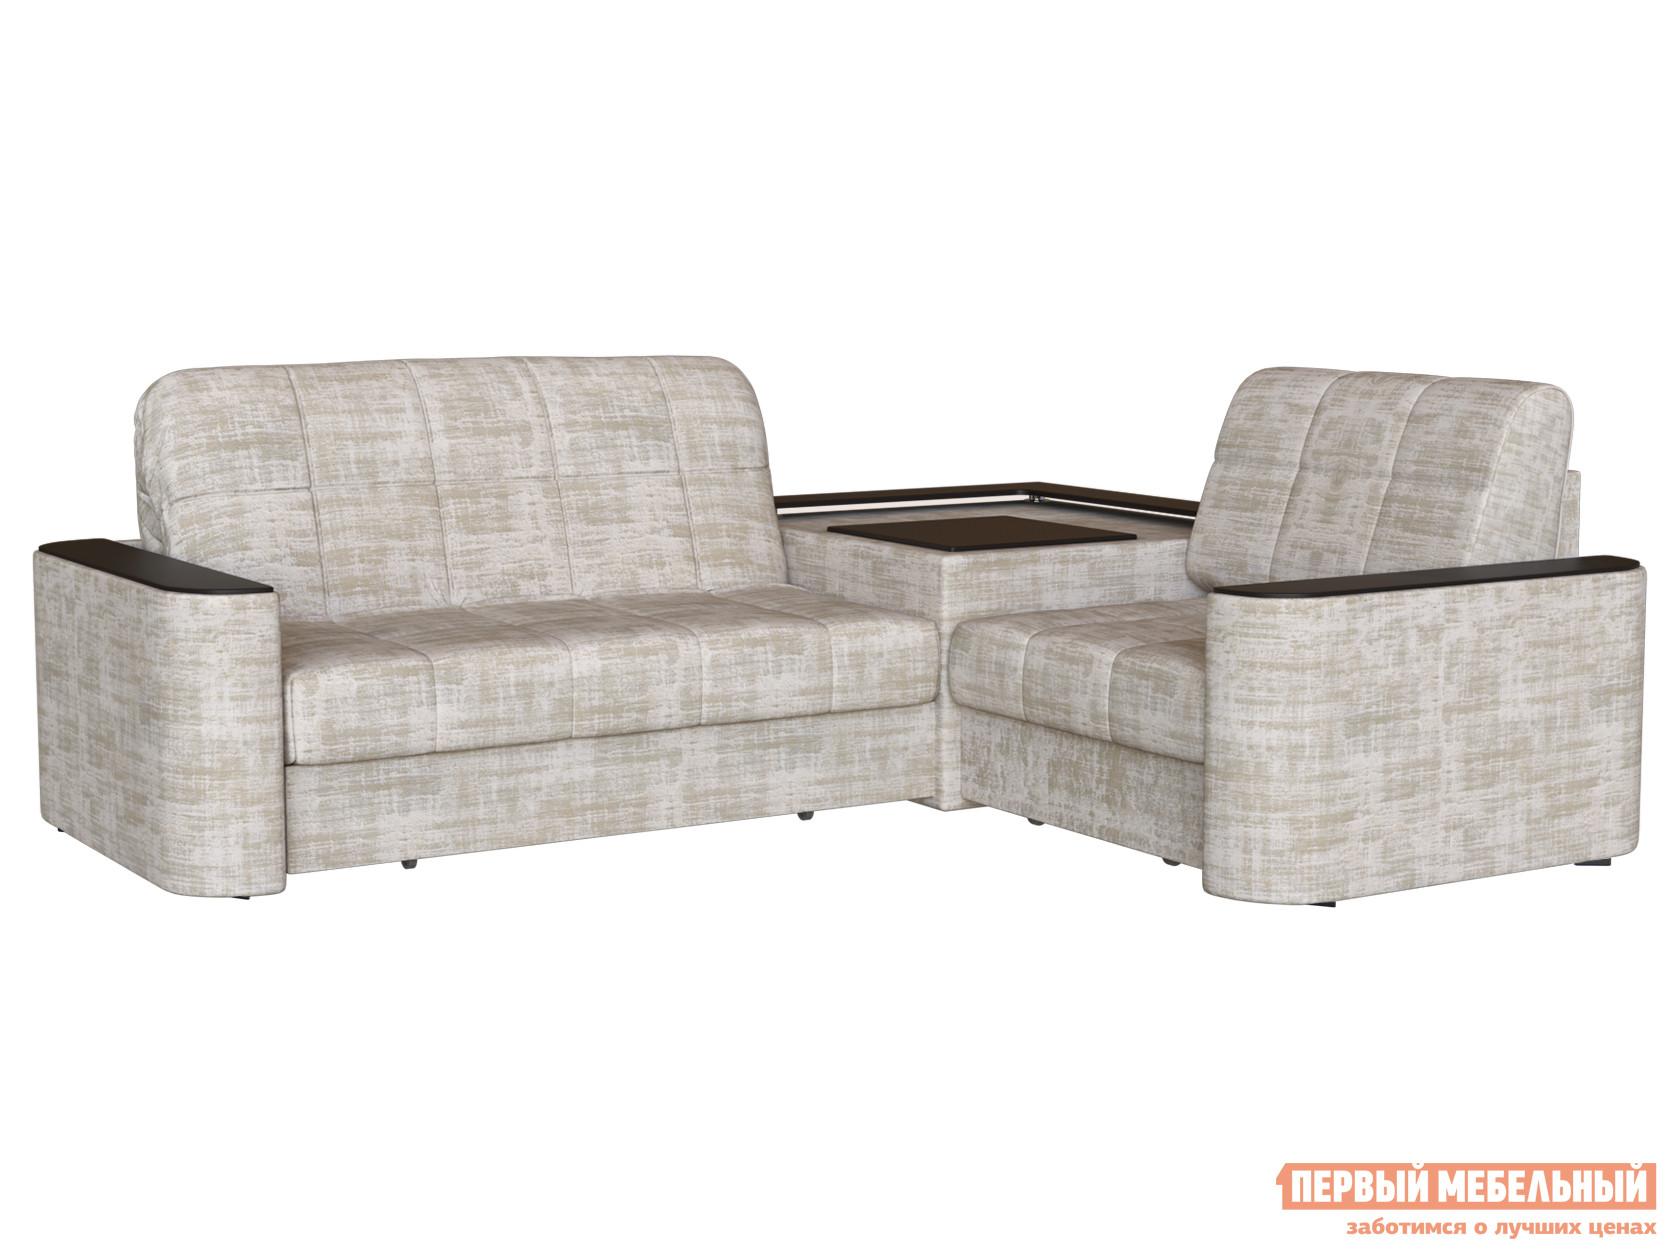 Угловой диван Первый Мебельный Диван Лукас угловой